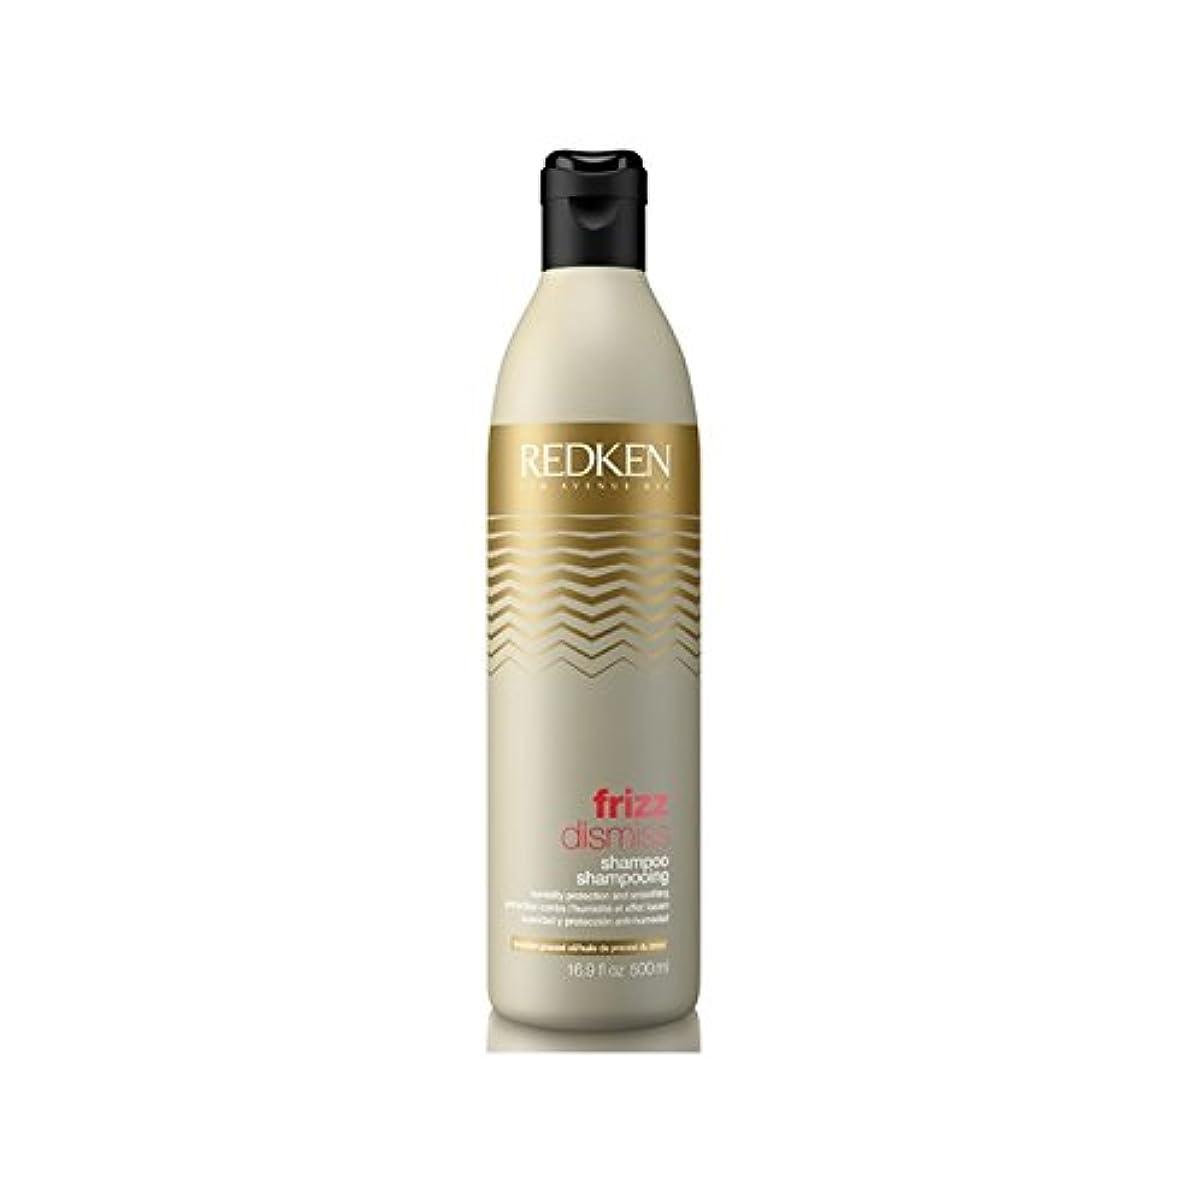 なかなか降臨逃すレッドケンの縮れシャンプー500ミリリットルを解任 x2 - Redken Frizz Dismiss Shampoo 500ml (Pack of 2) [並行輸入品]